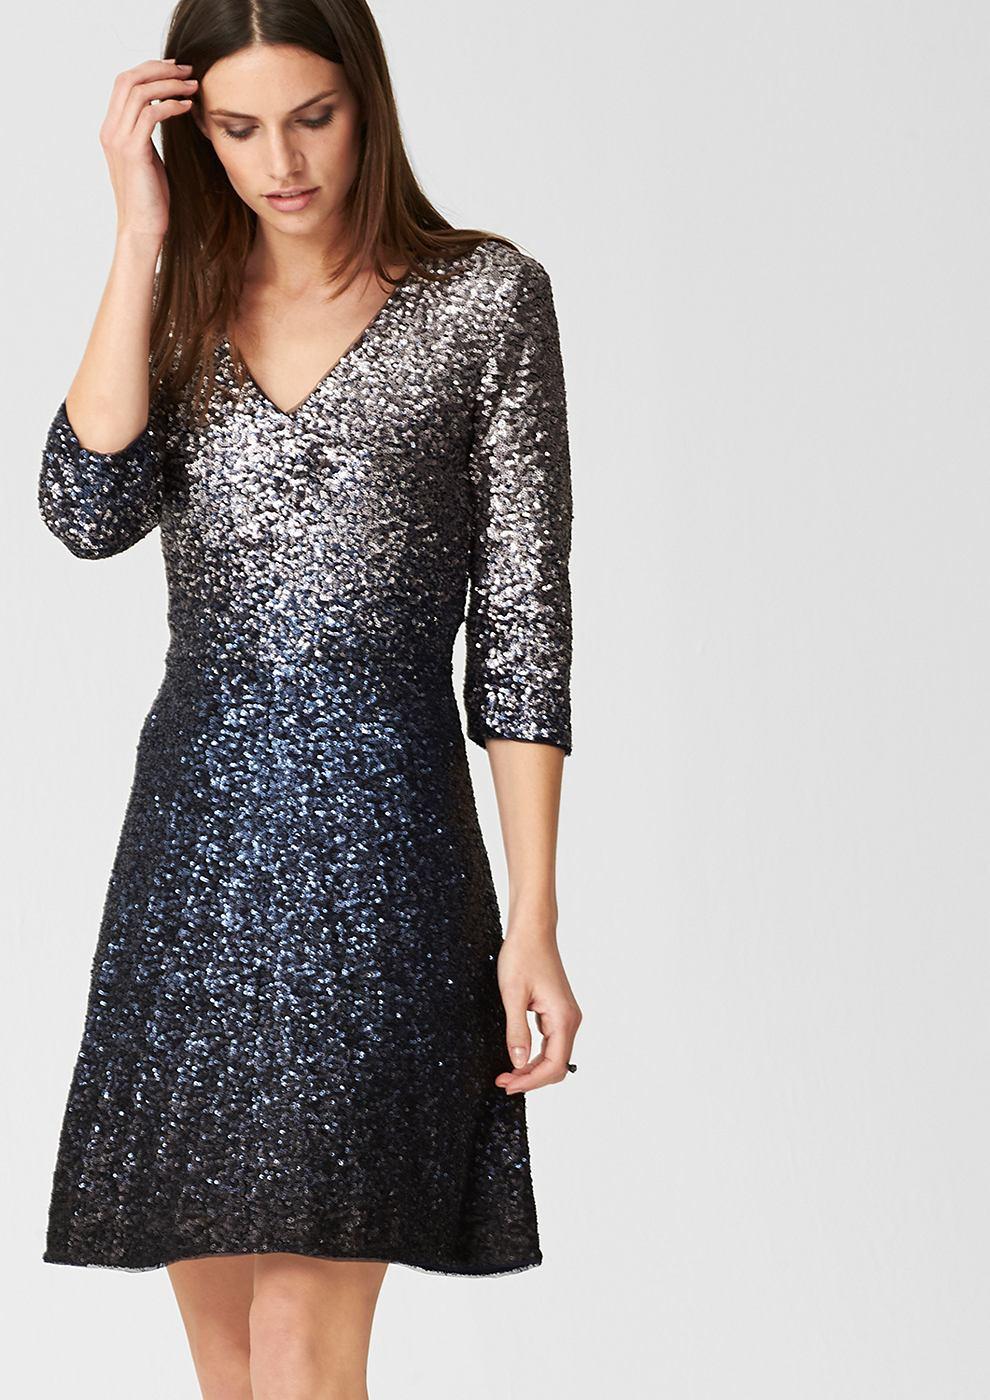 s.Oliver Premium Getailleerde jurk met pailletjes blauw